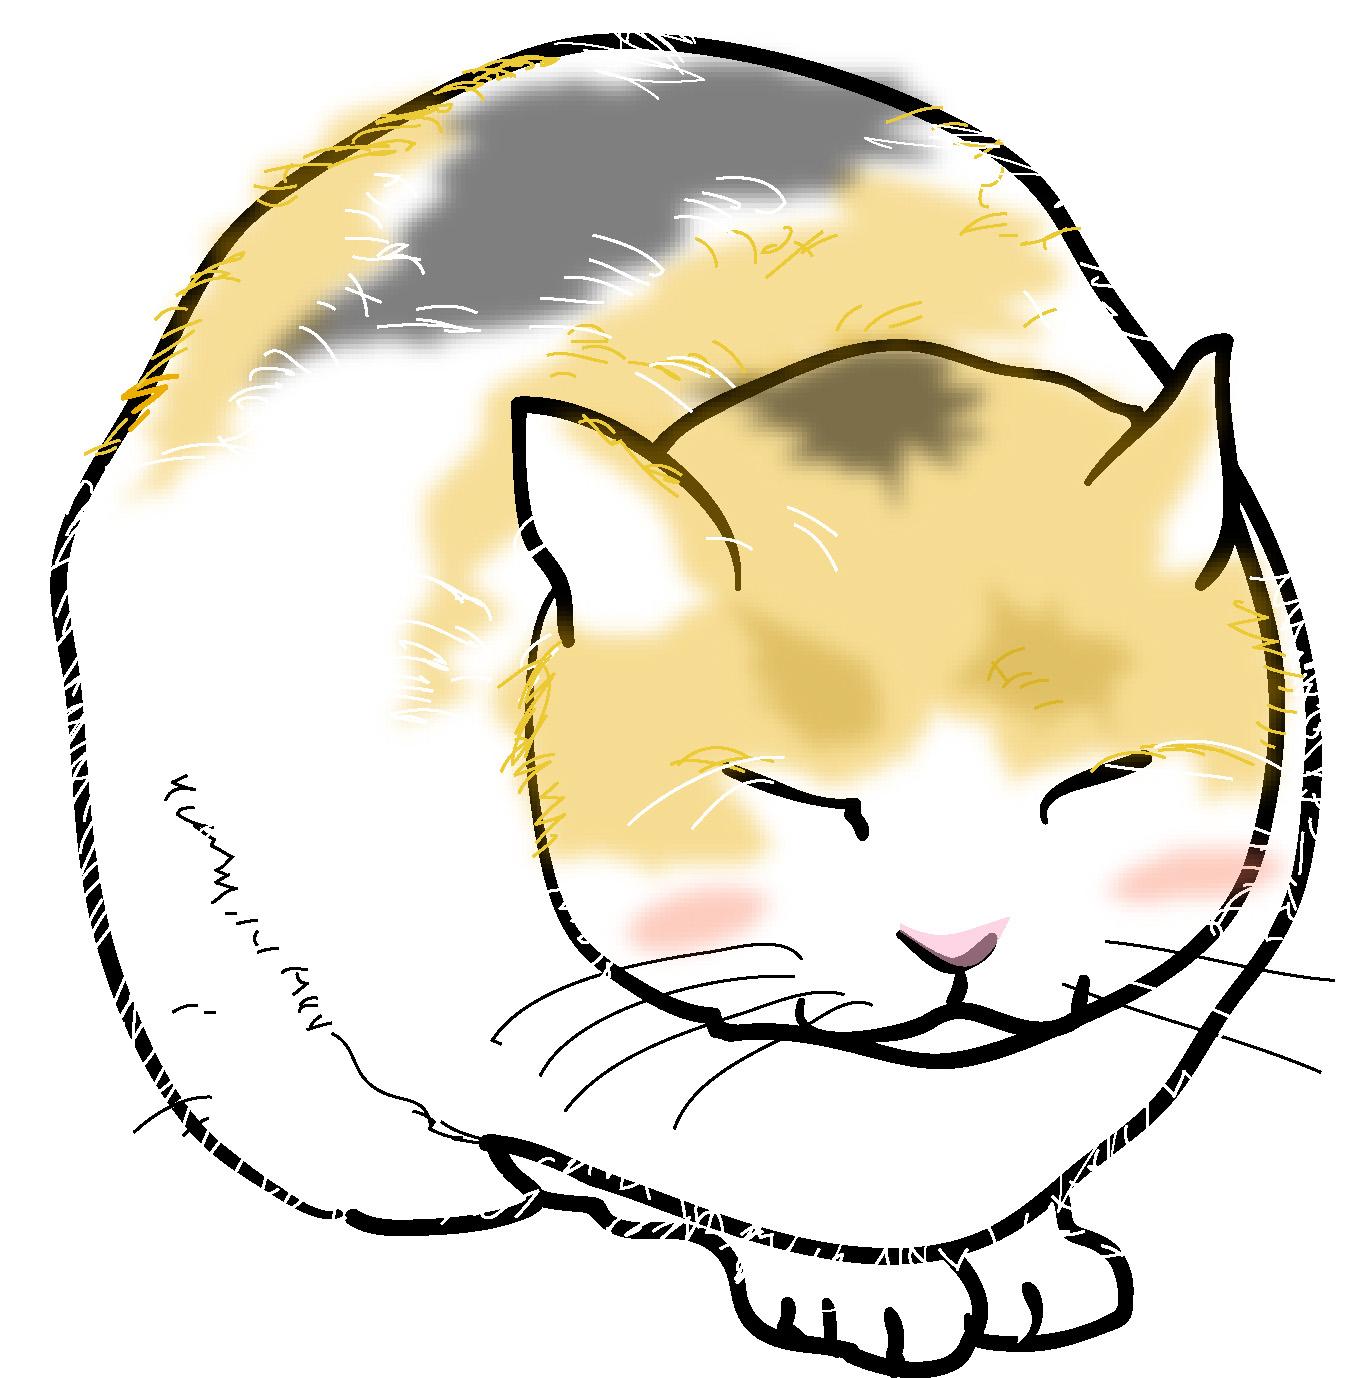 猫のイラスト素材ダウンロード : 便箋 テンプレート 無料 冬 : 無料